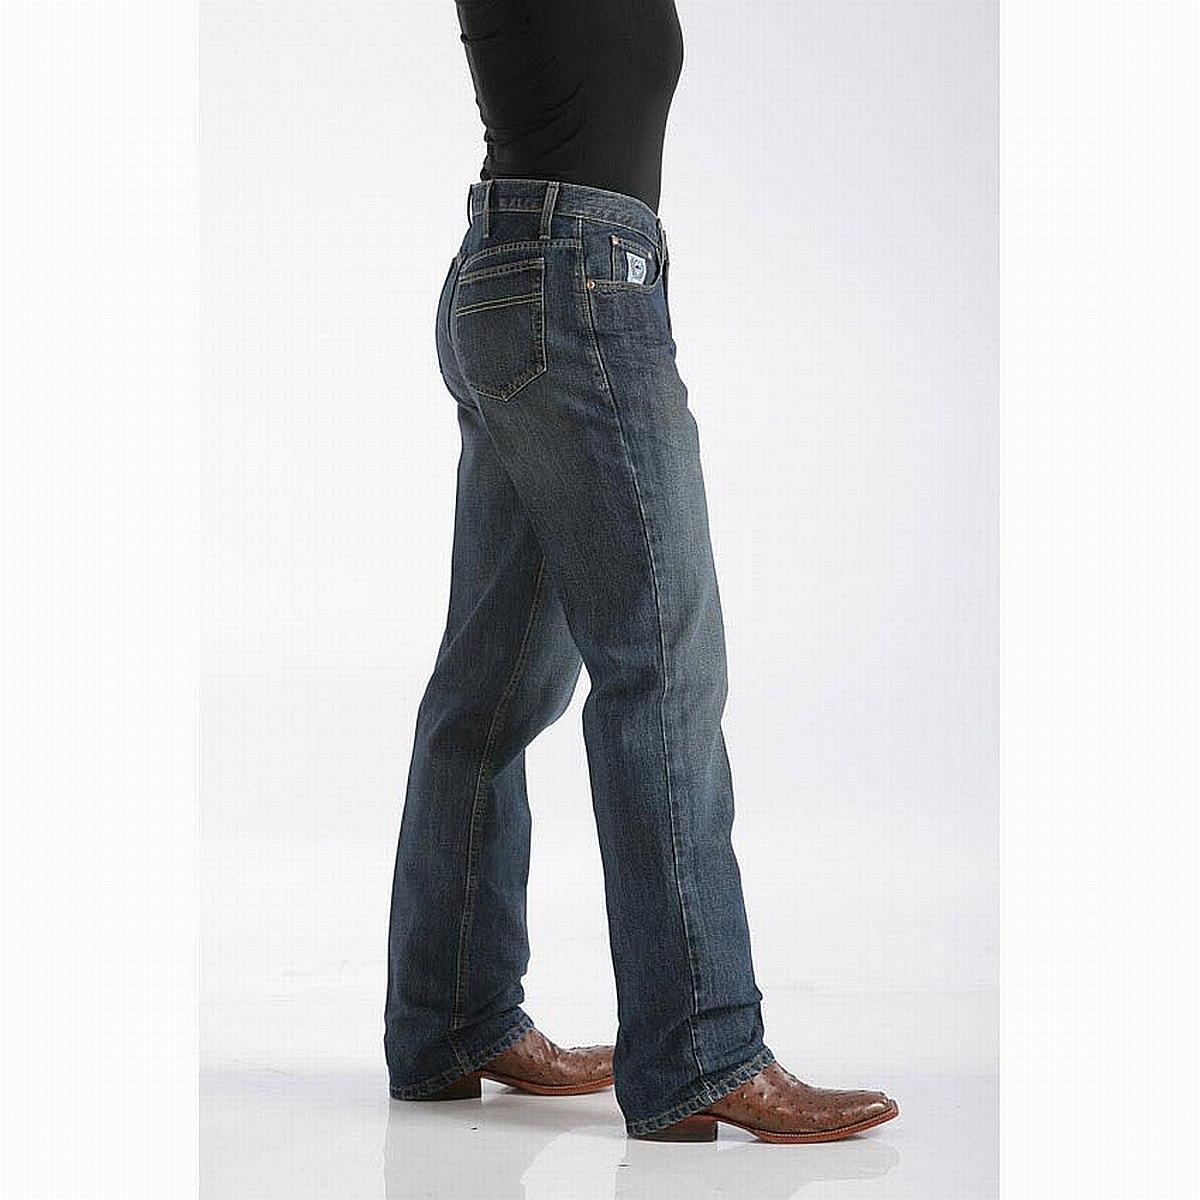 jeans_cinch_men_white_label_dark_stonewash_new.jpg